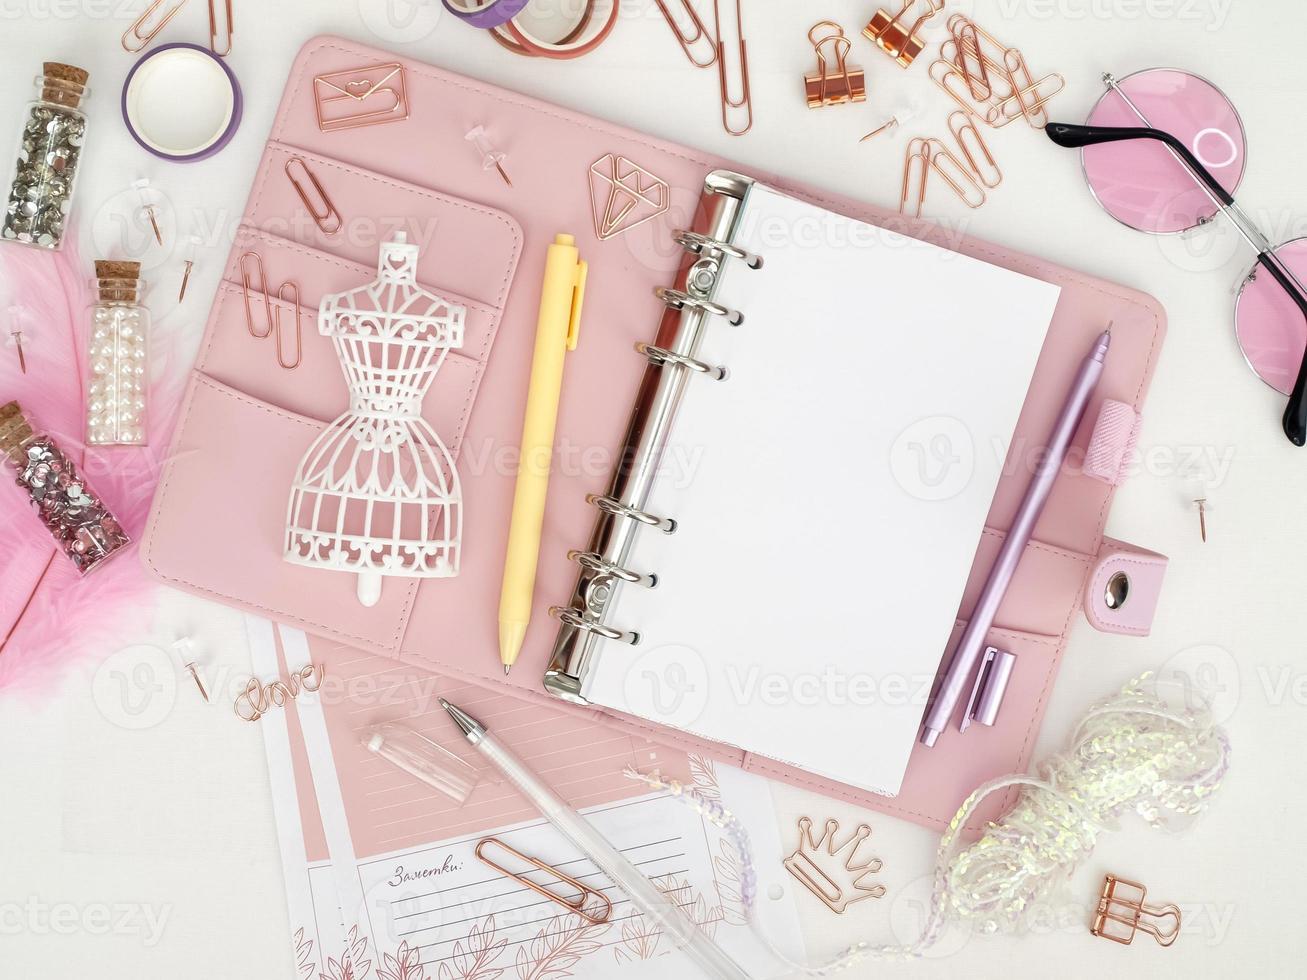 vista superior de un planificador rosa con lindos artículos de papelería. planificador de glamour rosa con una figura de maniquí blanco. planificador con páginas abiertas sobre un fondo blanco y con hermosos accesorios bolígrafos, botones, alfileres. foto